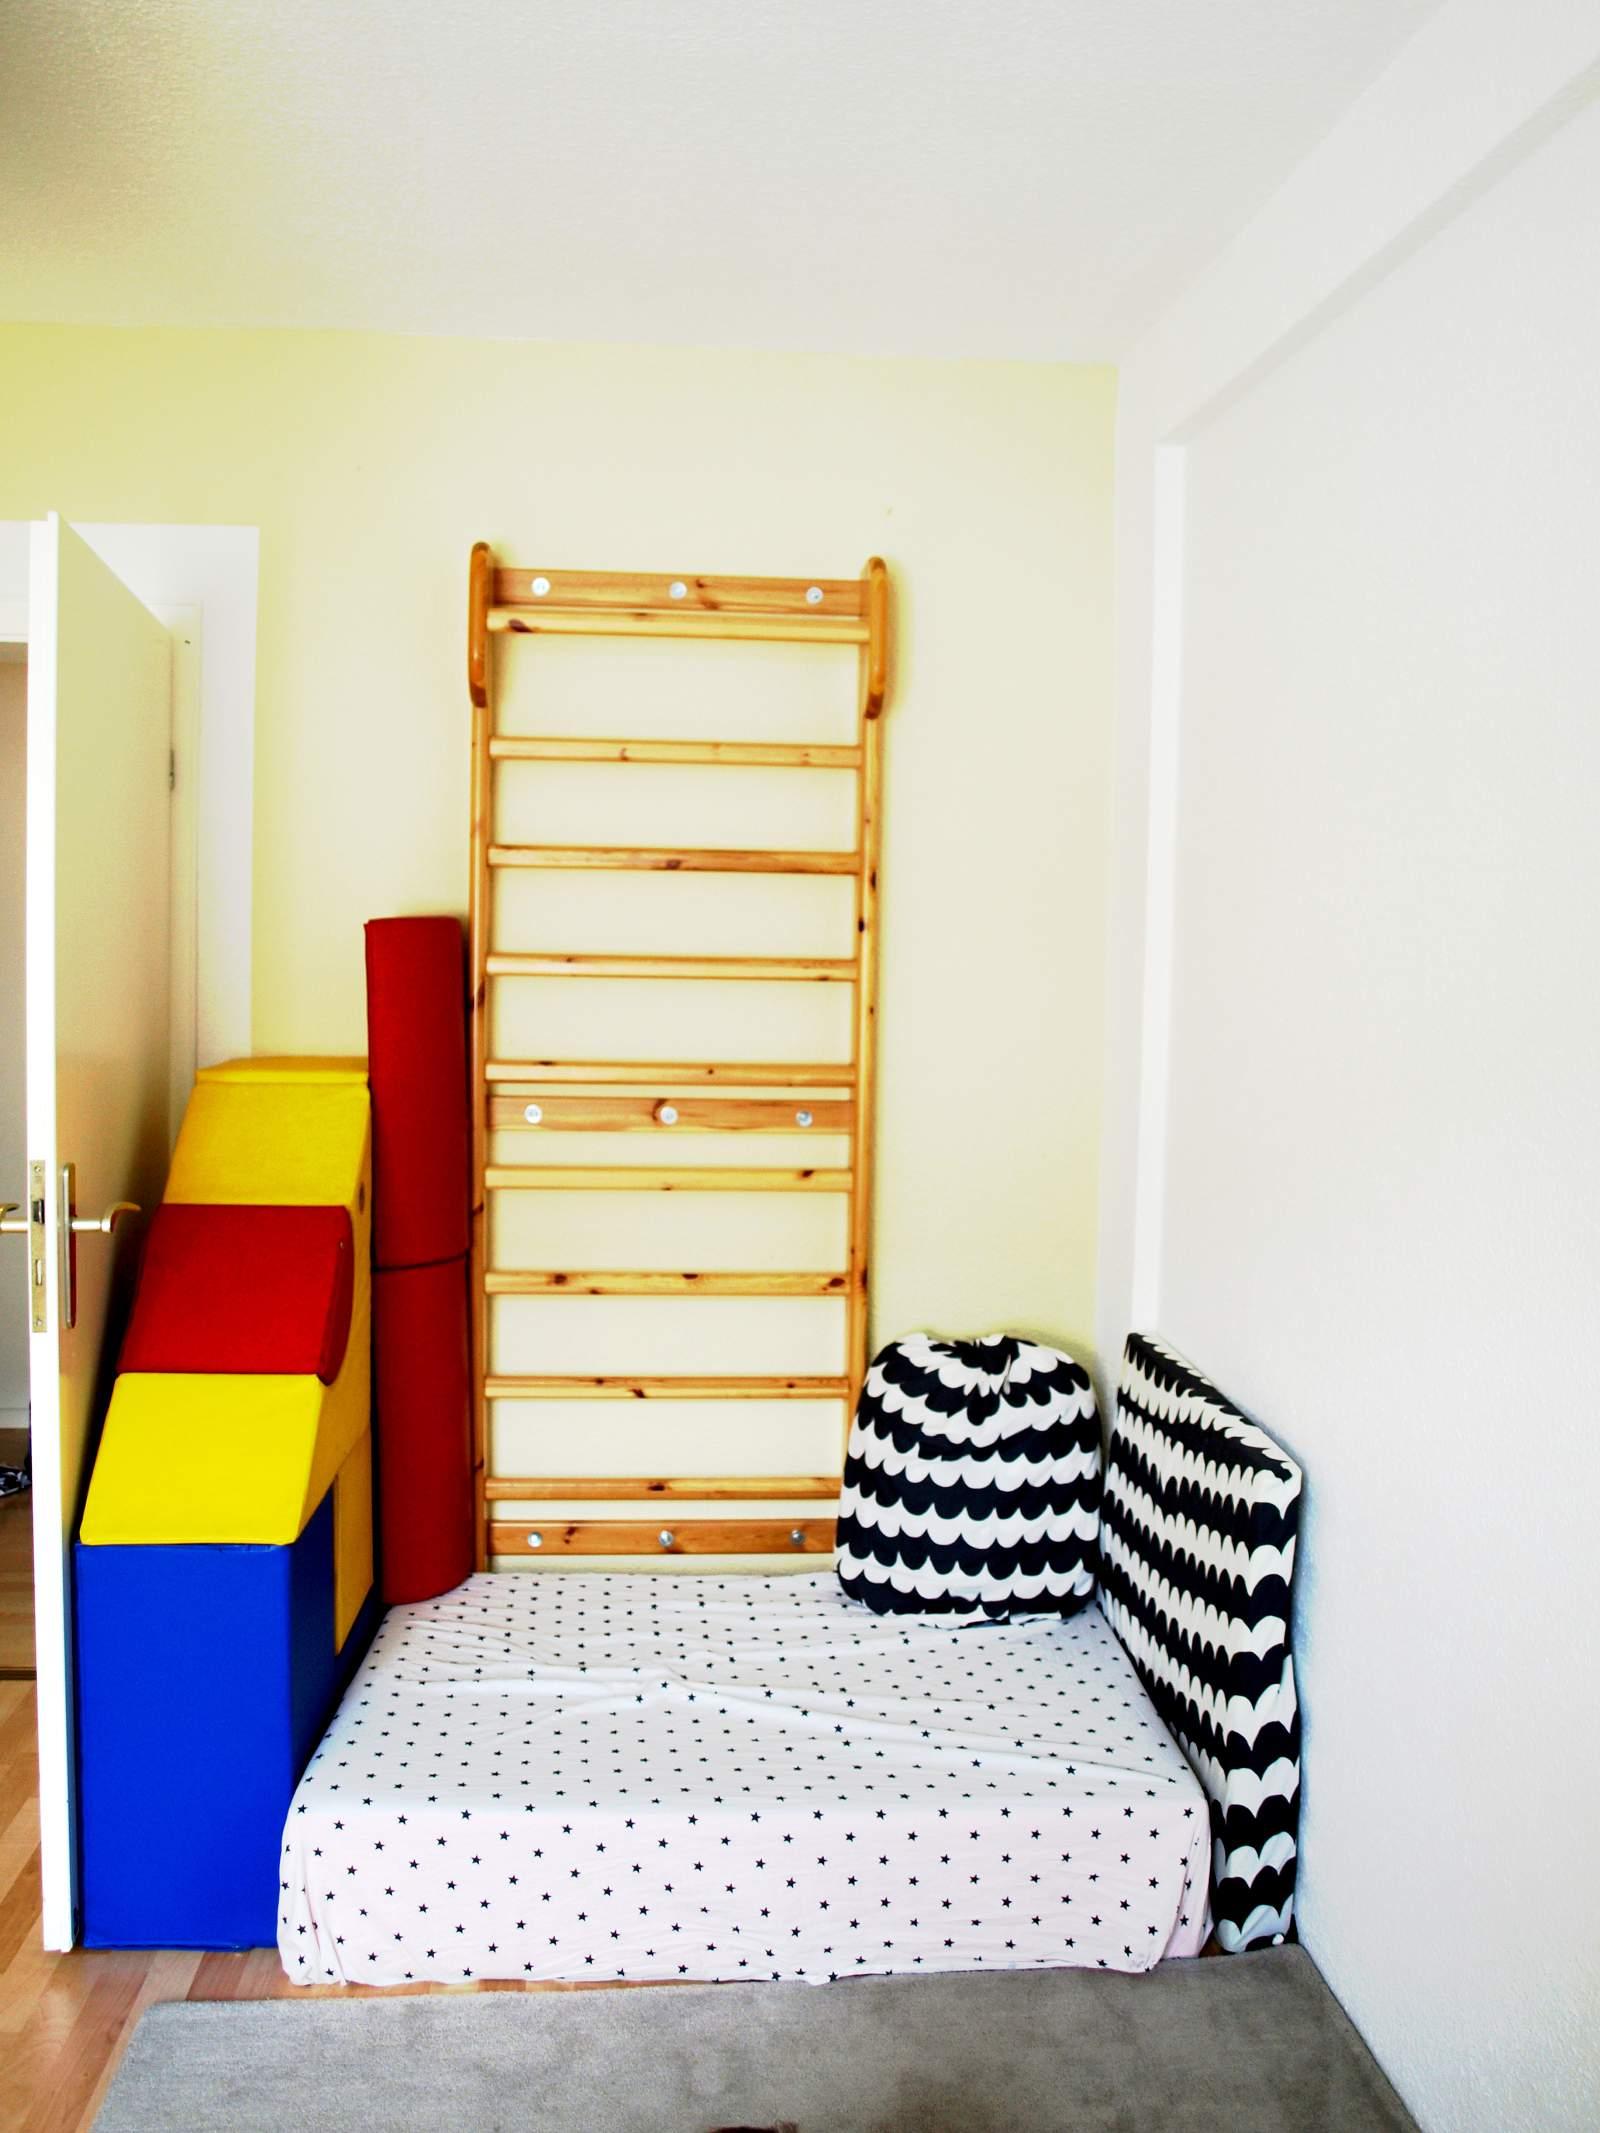 Full Size of Sprossenwand Kinderzimmer Michels Mit 24 Monaten Montessori Blog Regal Regale Weiß Sofa Kinderzimmer Sprossenwand Kinderzimmer